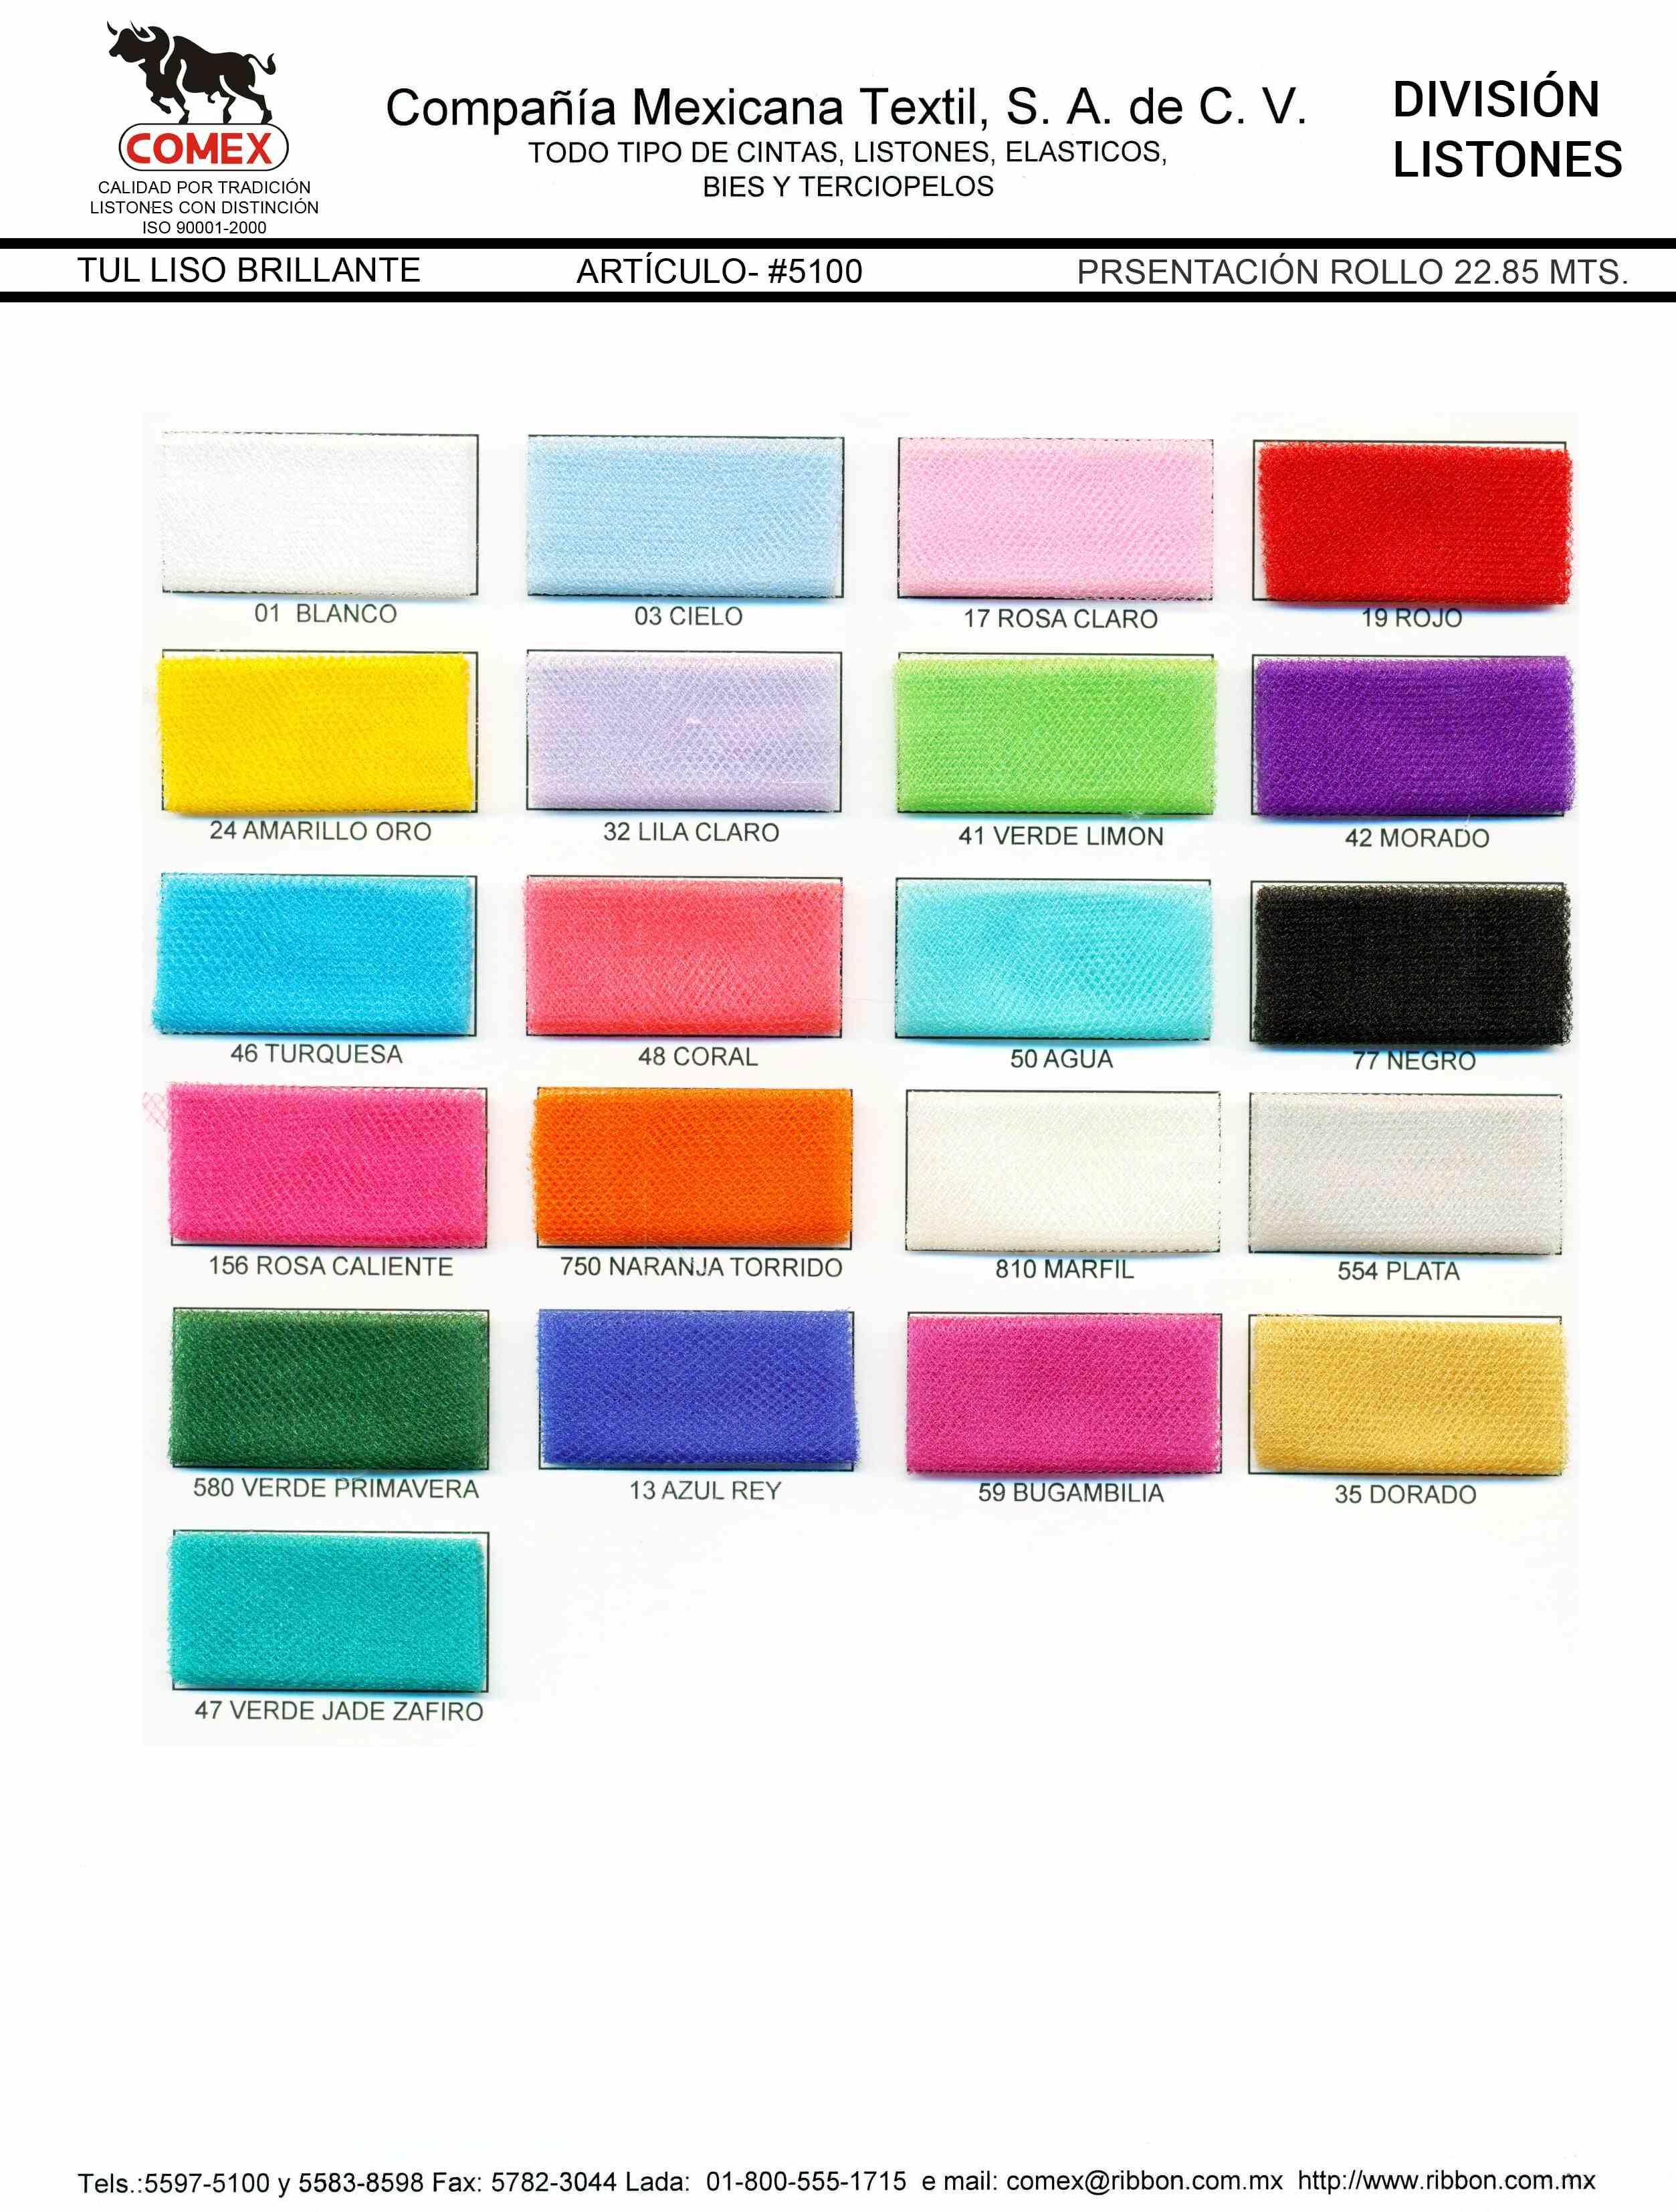 Anchos y Colores de Liston Mod.5100